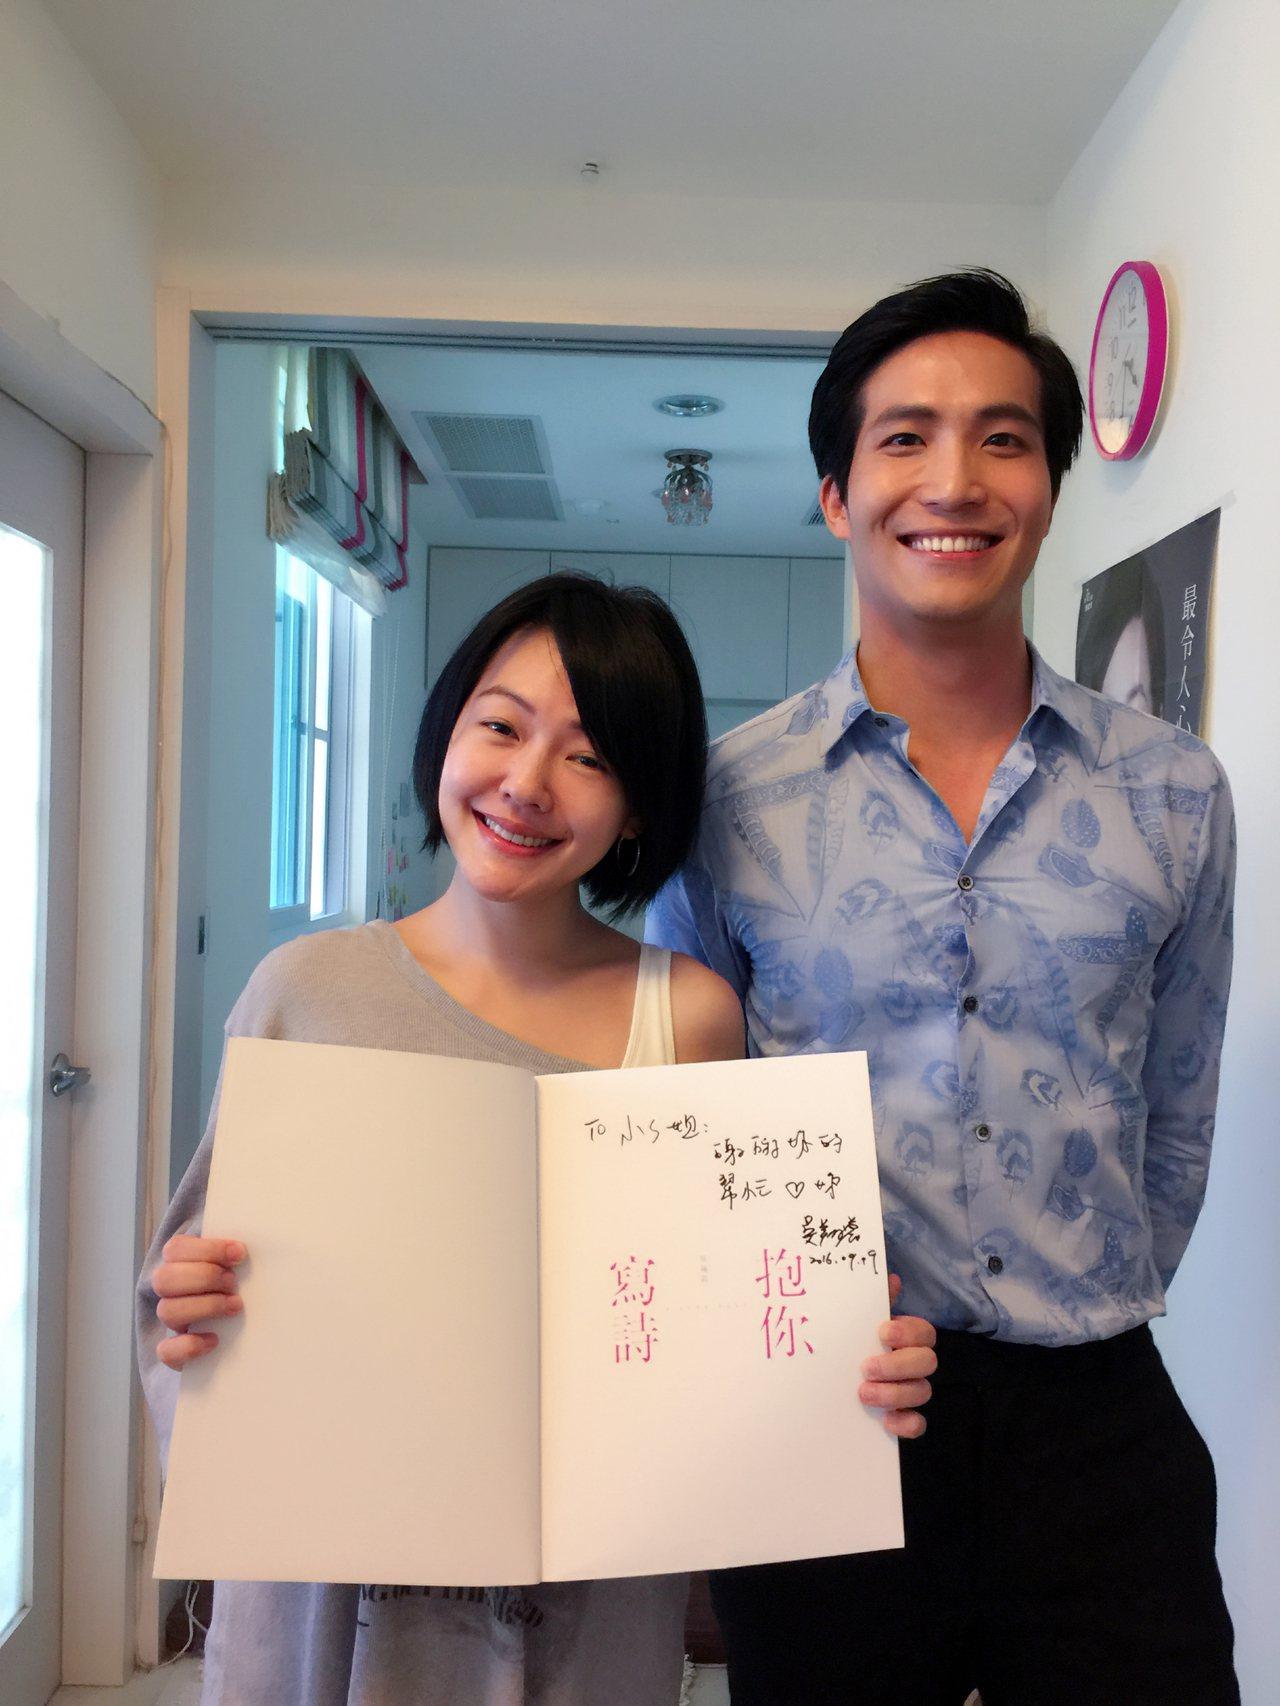 吳翔震(右)出寫真書時小S為他寫序還宣傳。 圖/李韶明提供